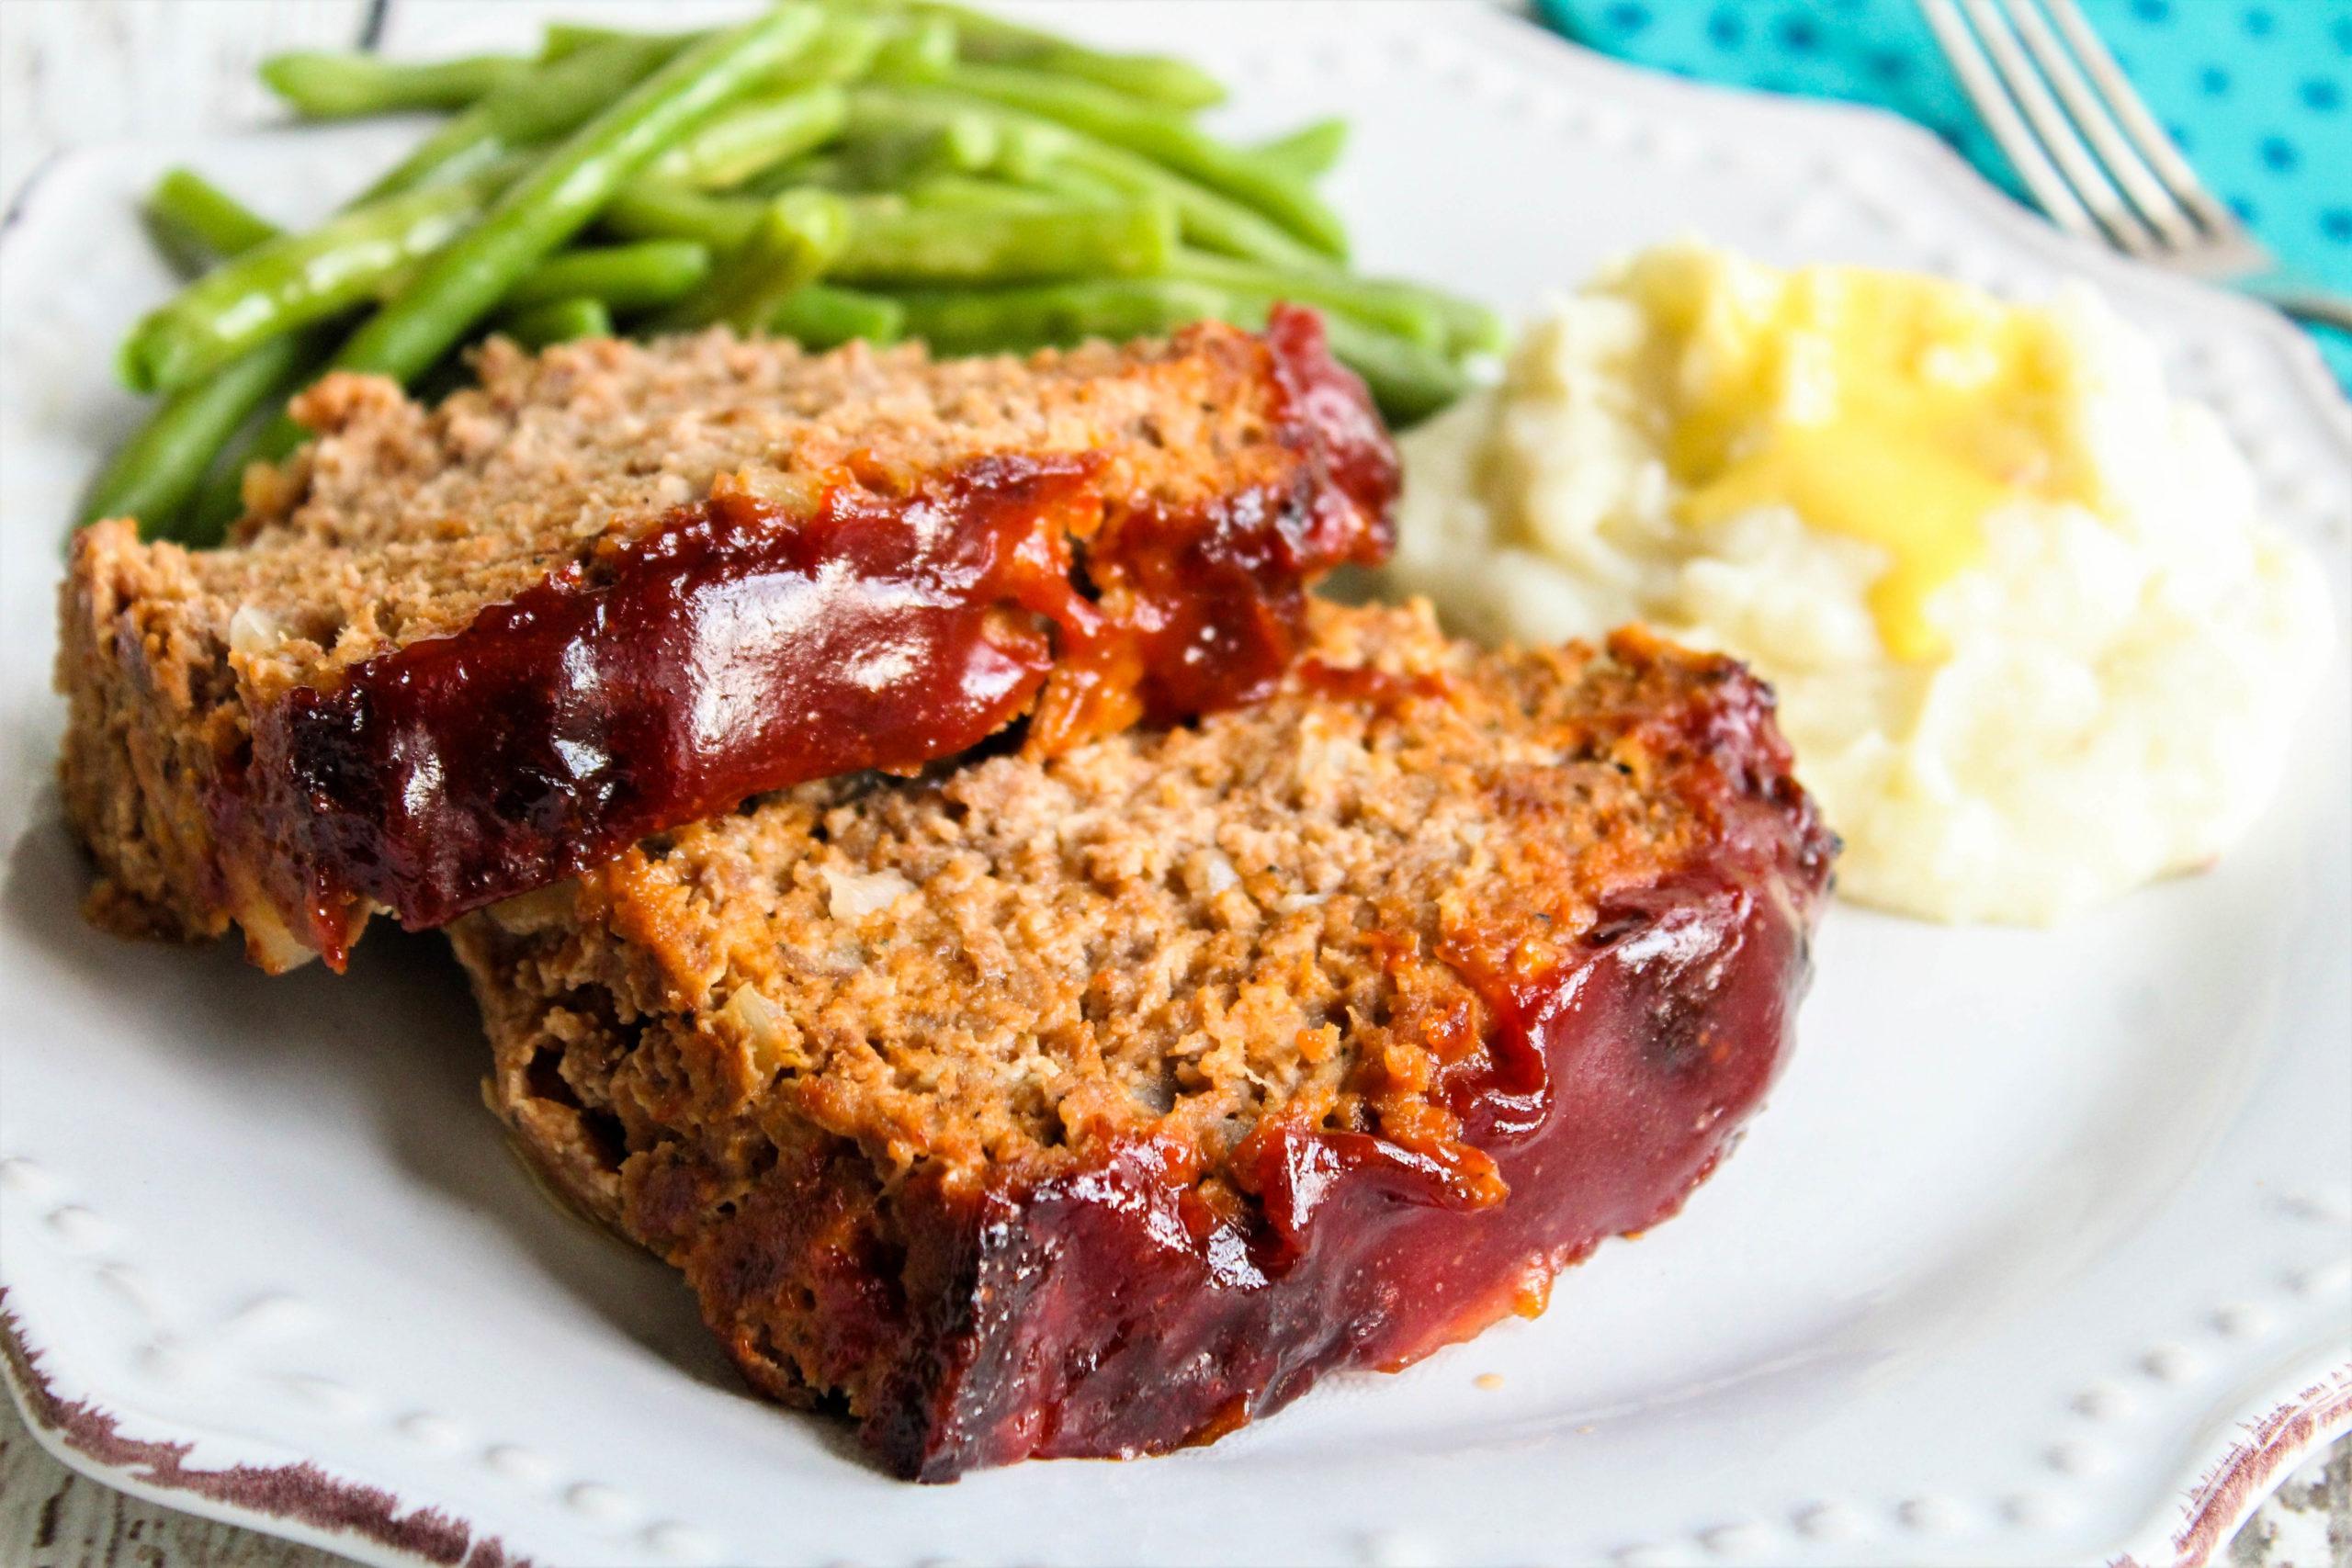 Brown Sugar Glazed Meatloaf comfort food